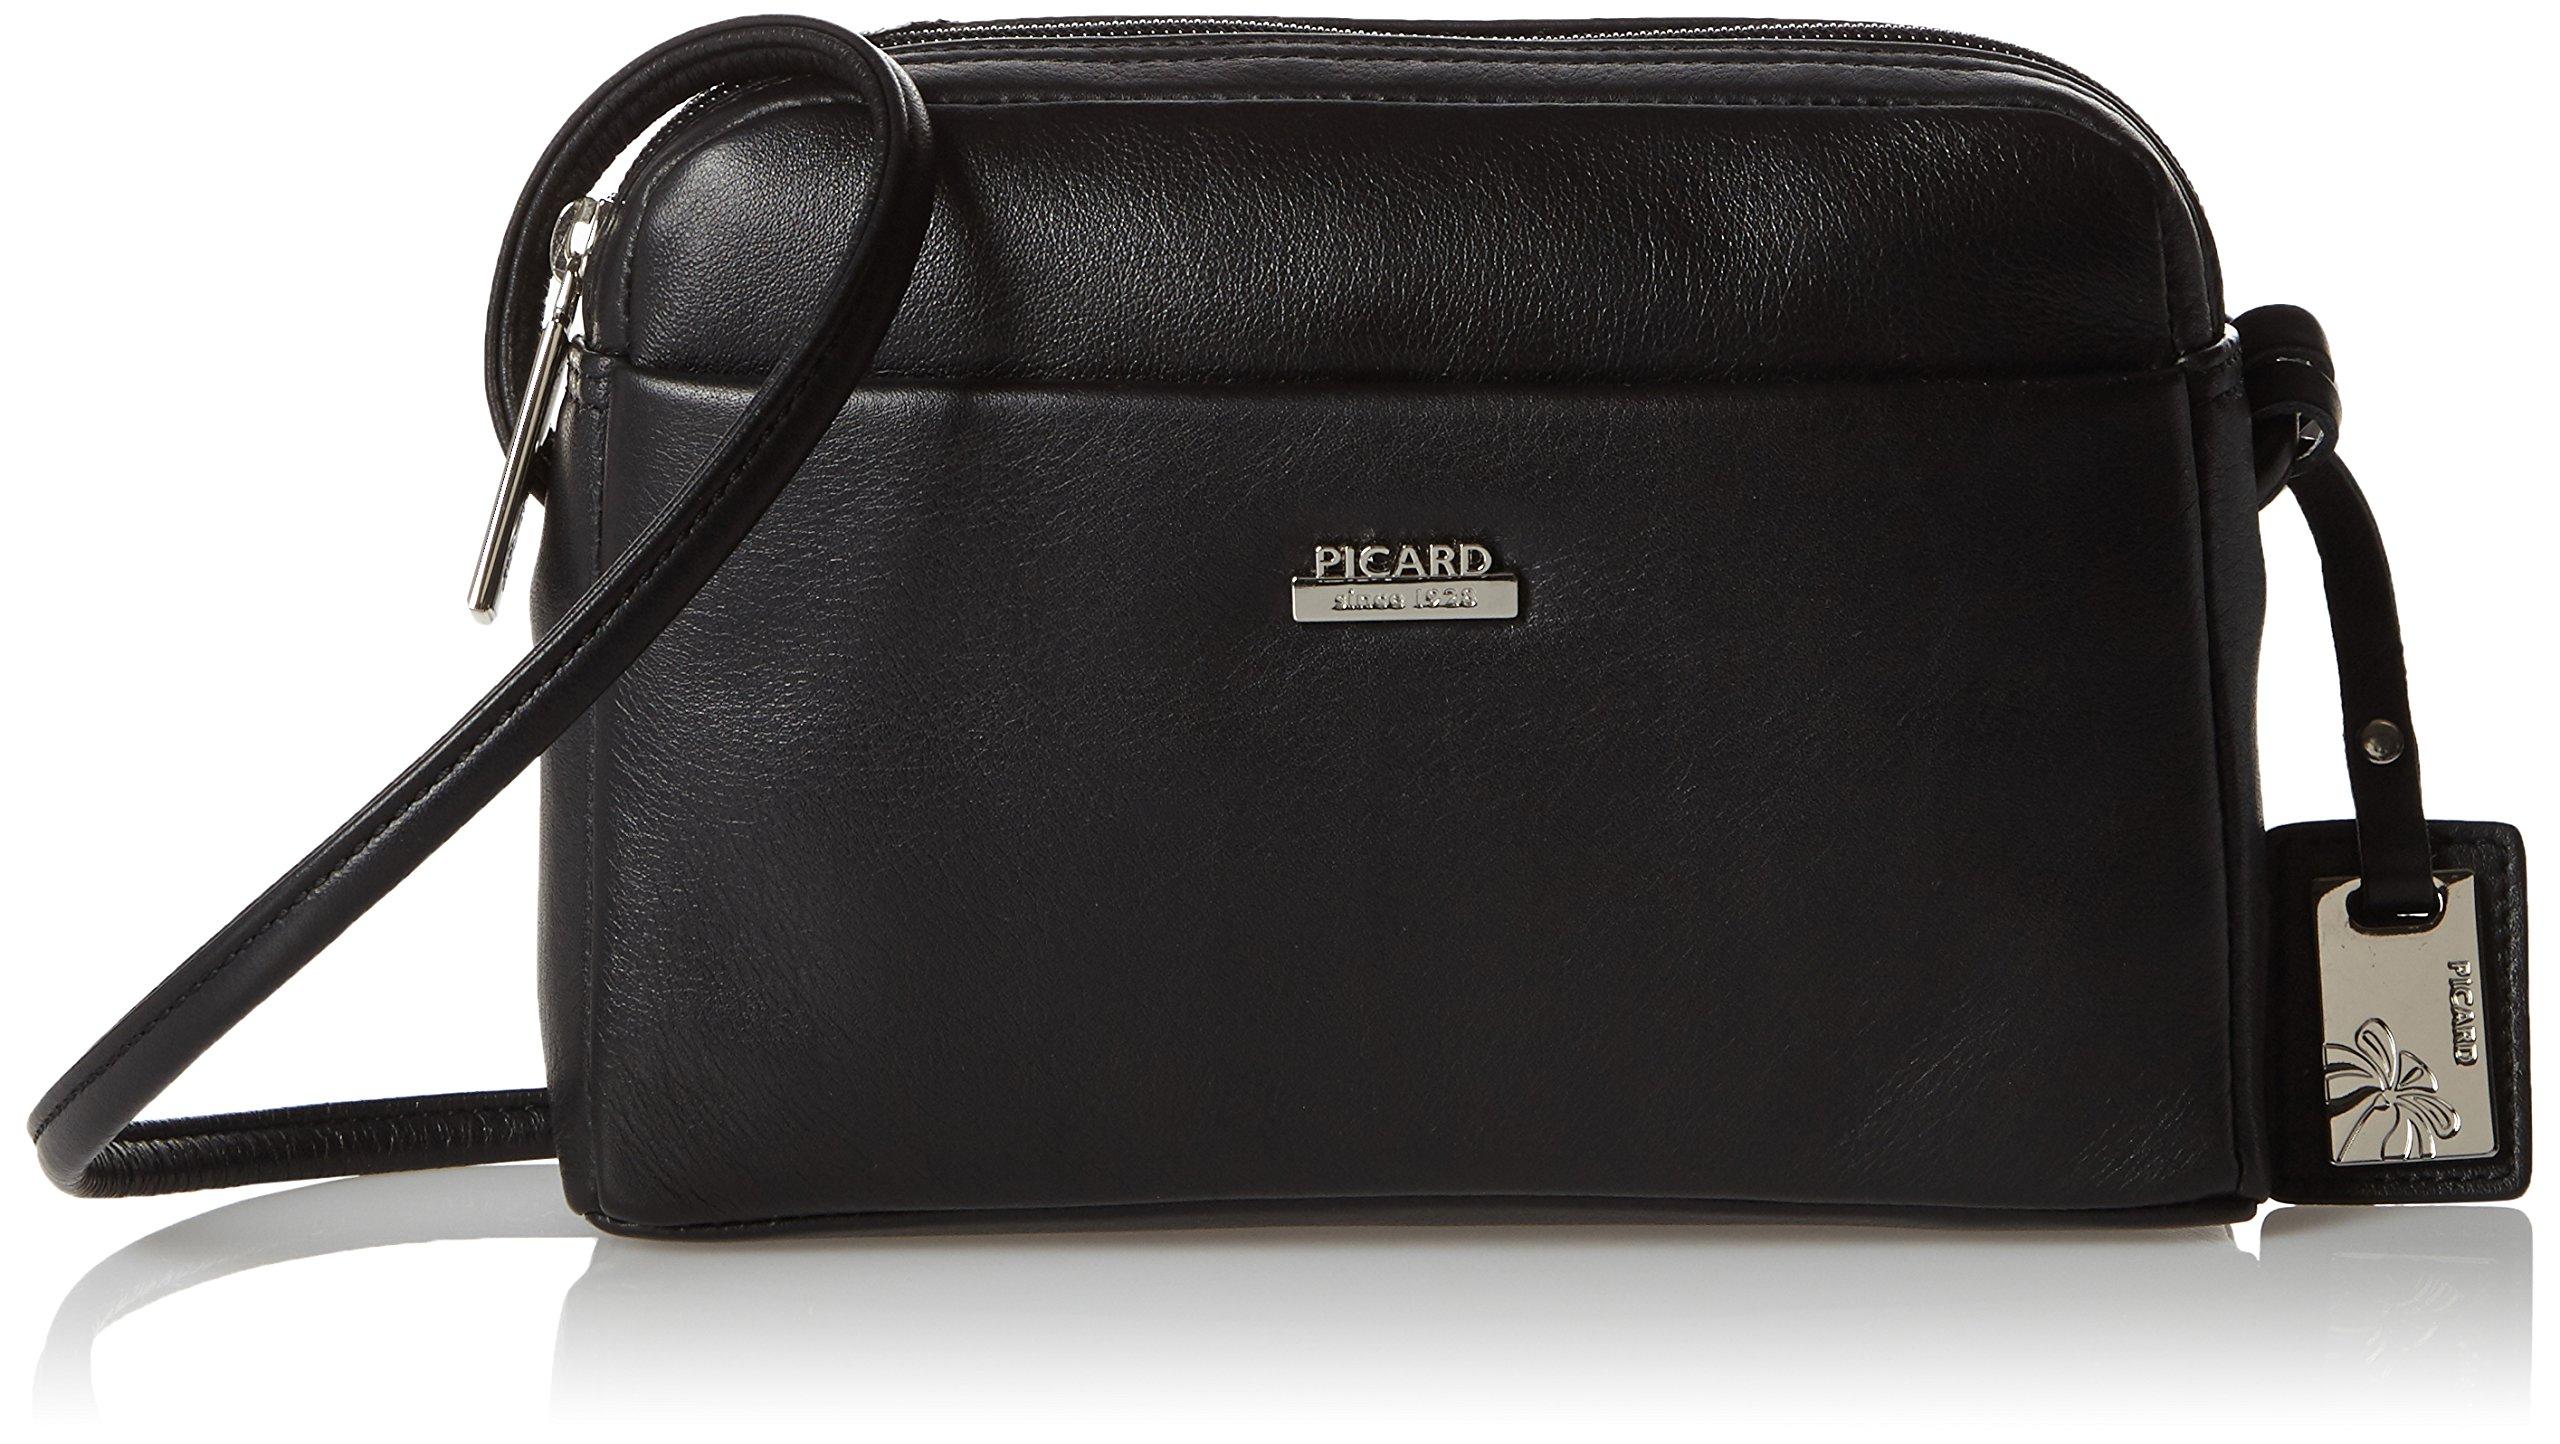 Picard Handtaschen Taschen 803629001 Schwarz 5hQO1